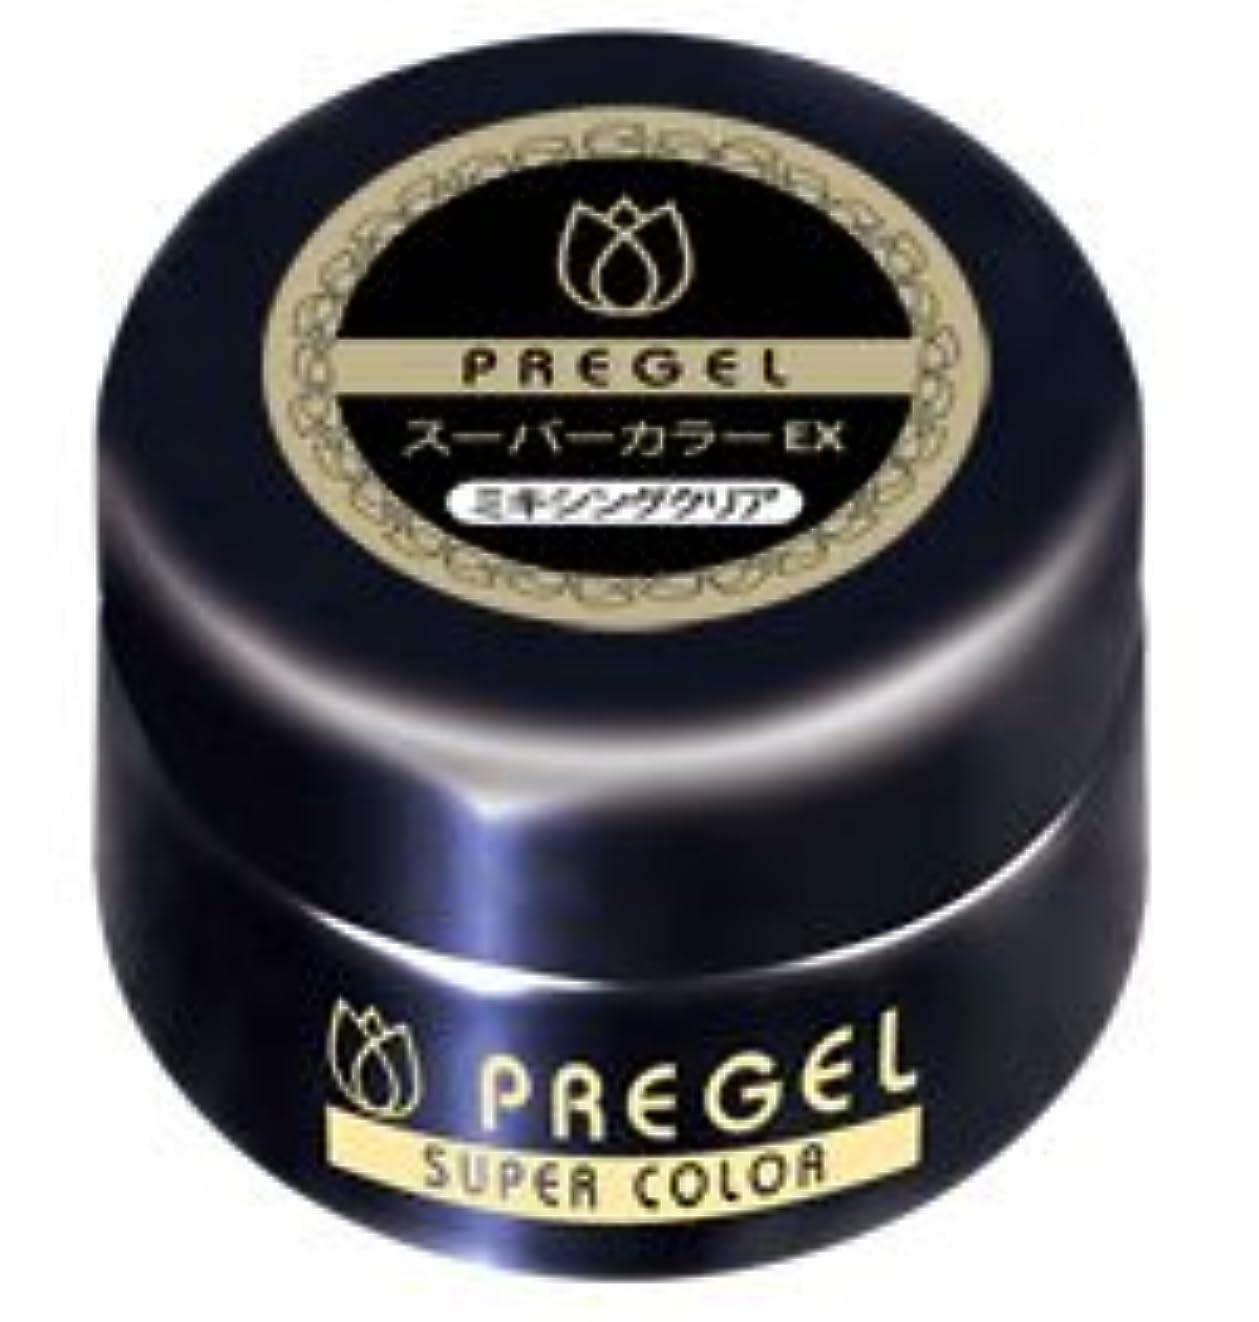 のぞき見プロット寛大さPREGEL(プリジェル) スーパーカラーEx PG-SE000 <BR>ミキシングクリア 4g